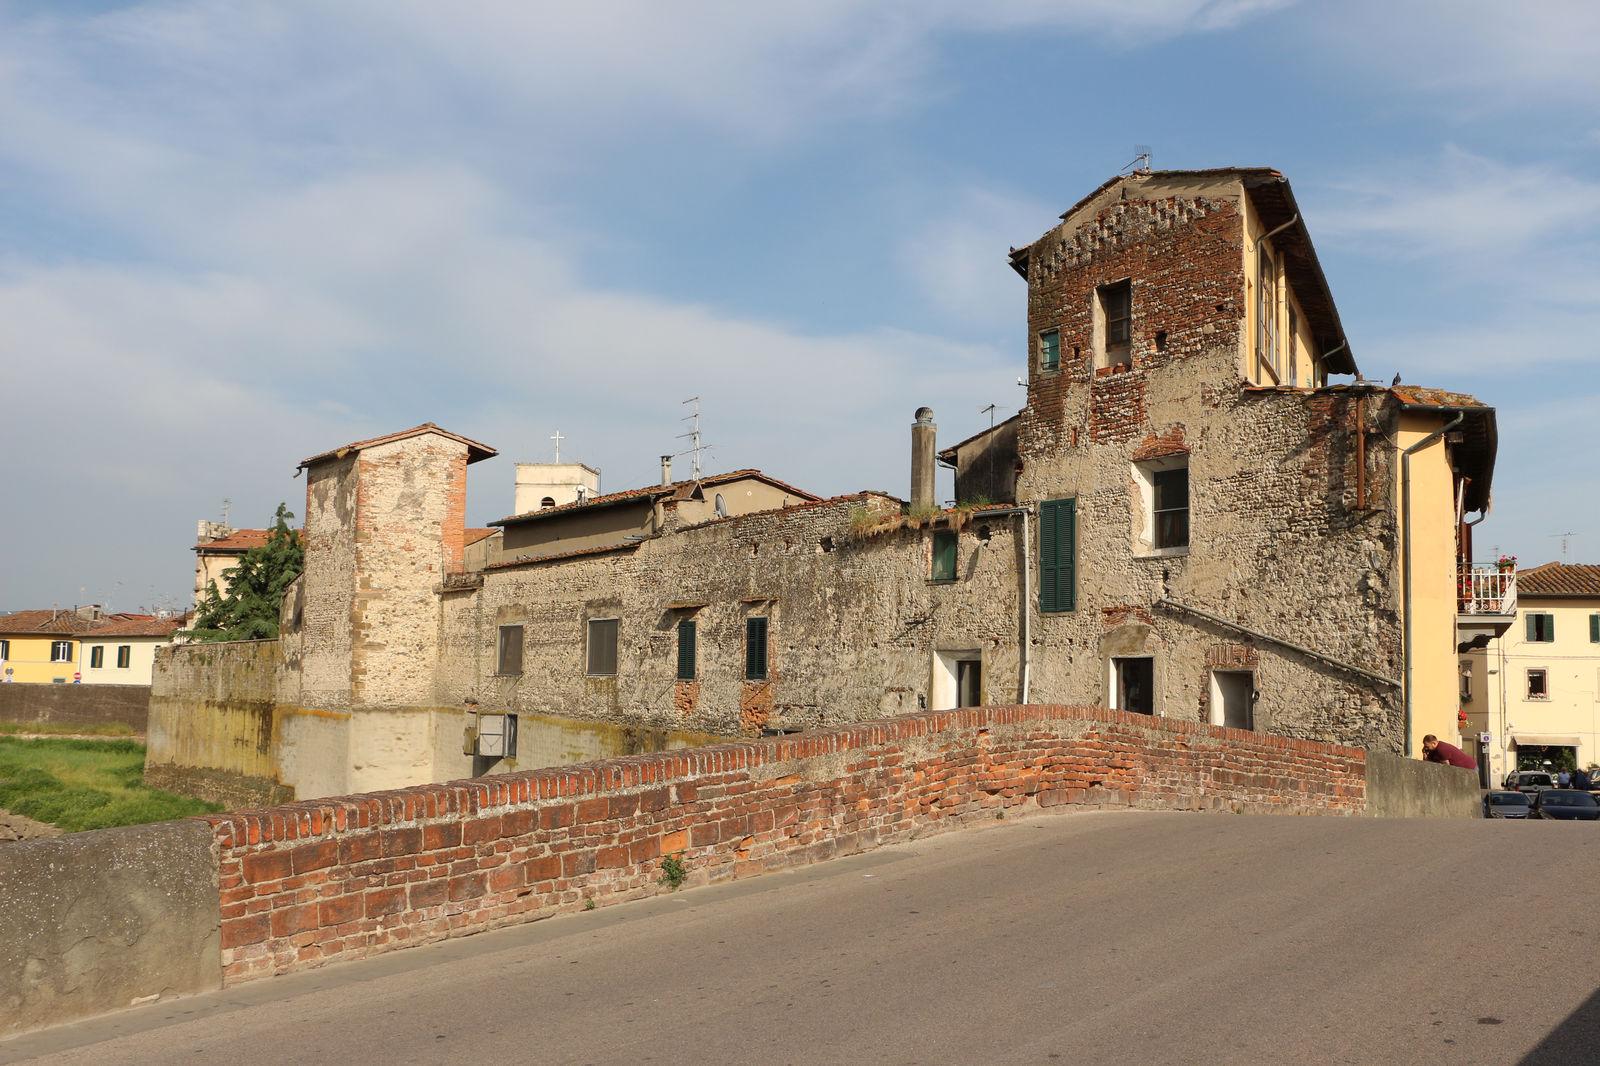 Campi Bisenzio - Tra rocche e castelli qui si fece la storia